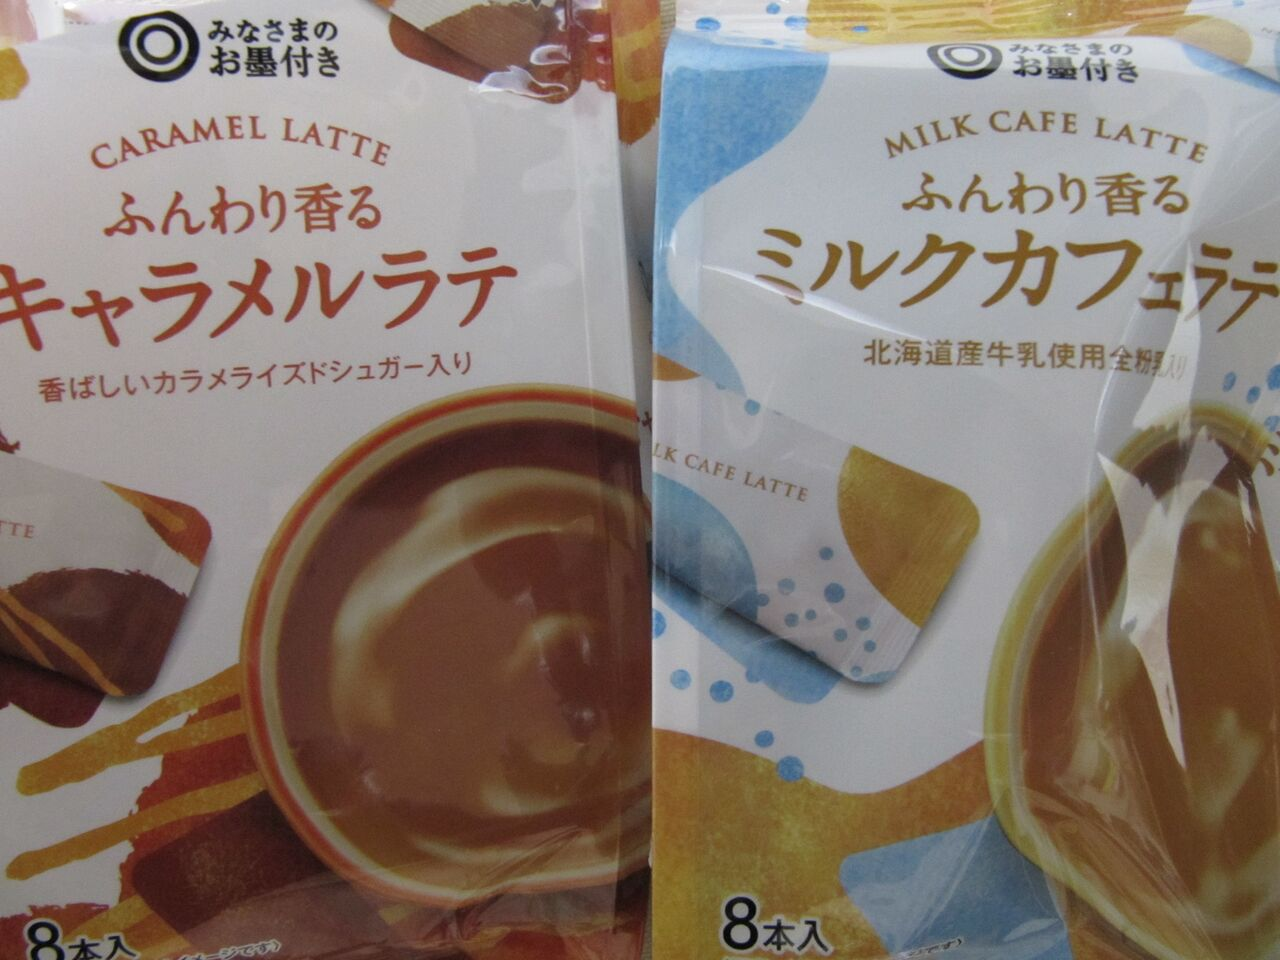 スティックコーヒー1